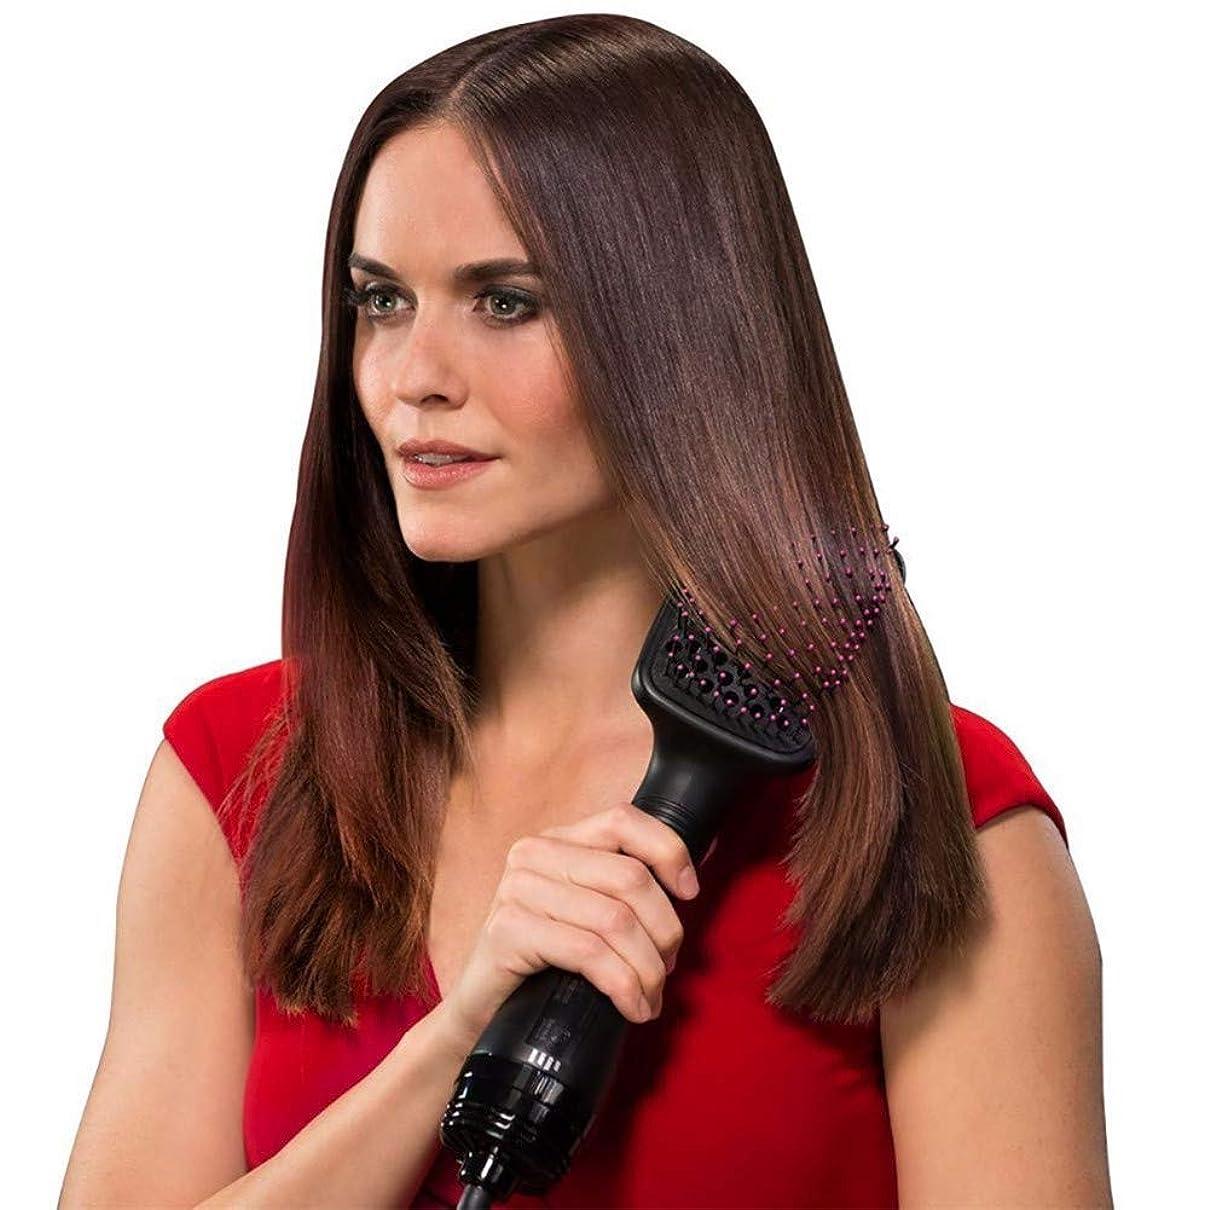 泣く配るカートリッジワンステップヘアドライヤーストレートヘアドライヤーパーマセラミックヘアードライヤーマイナスイオン低減ヘアピンすべての髪に適したやけど防止